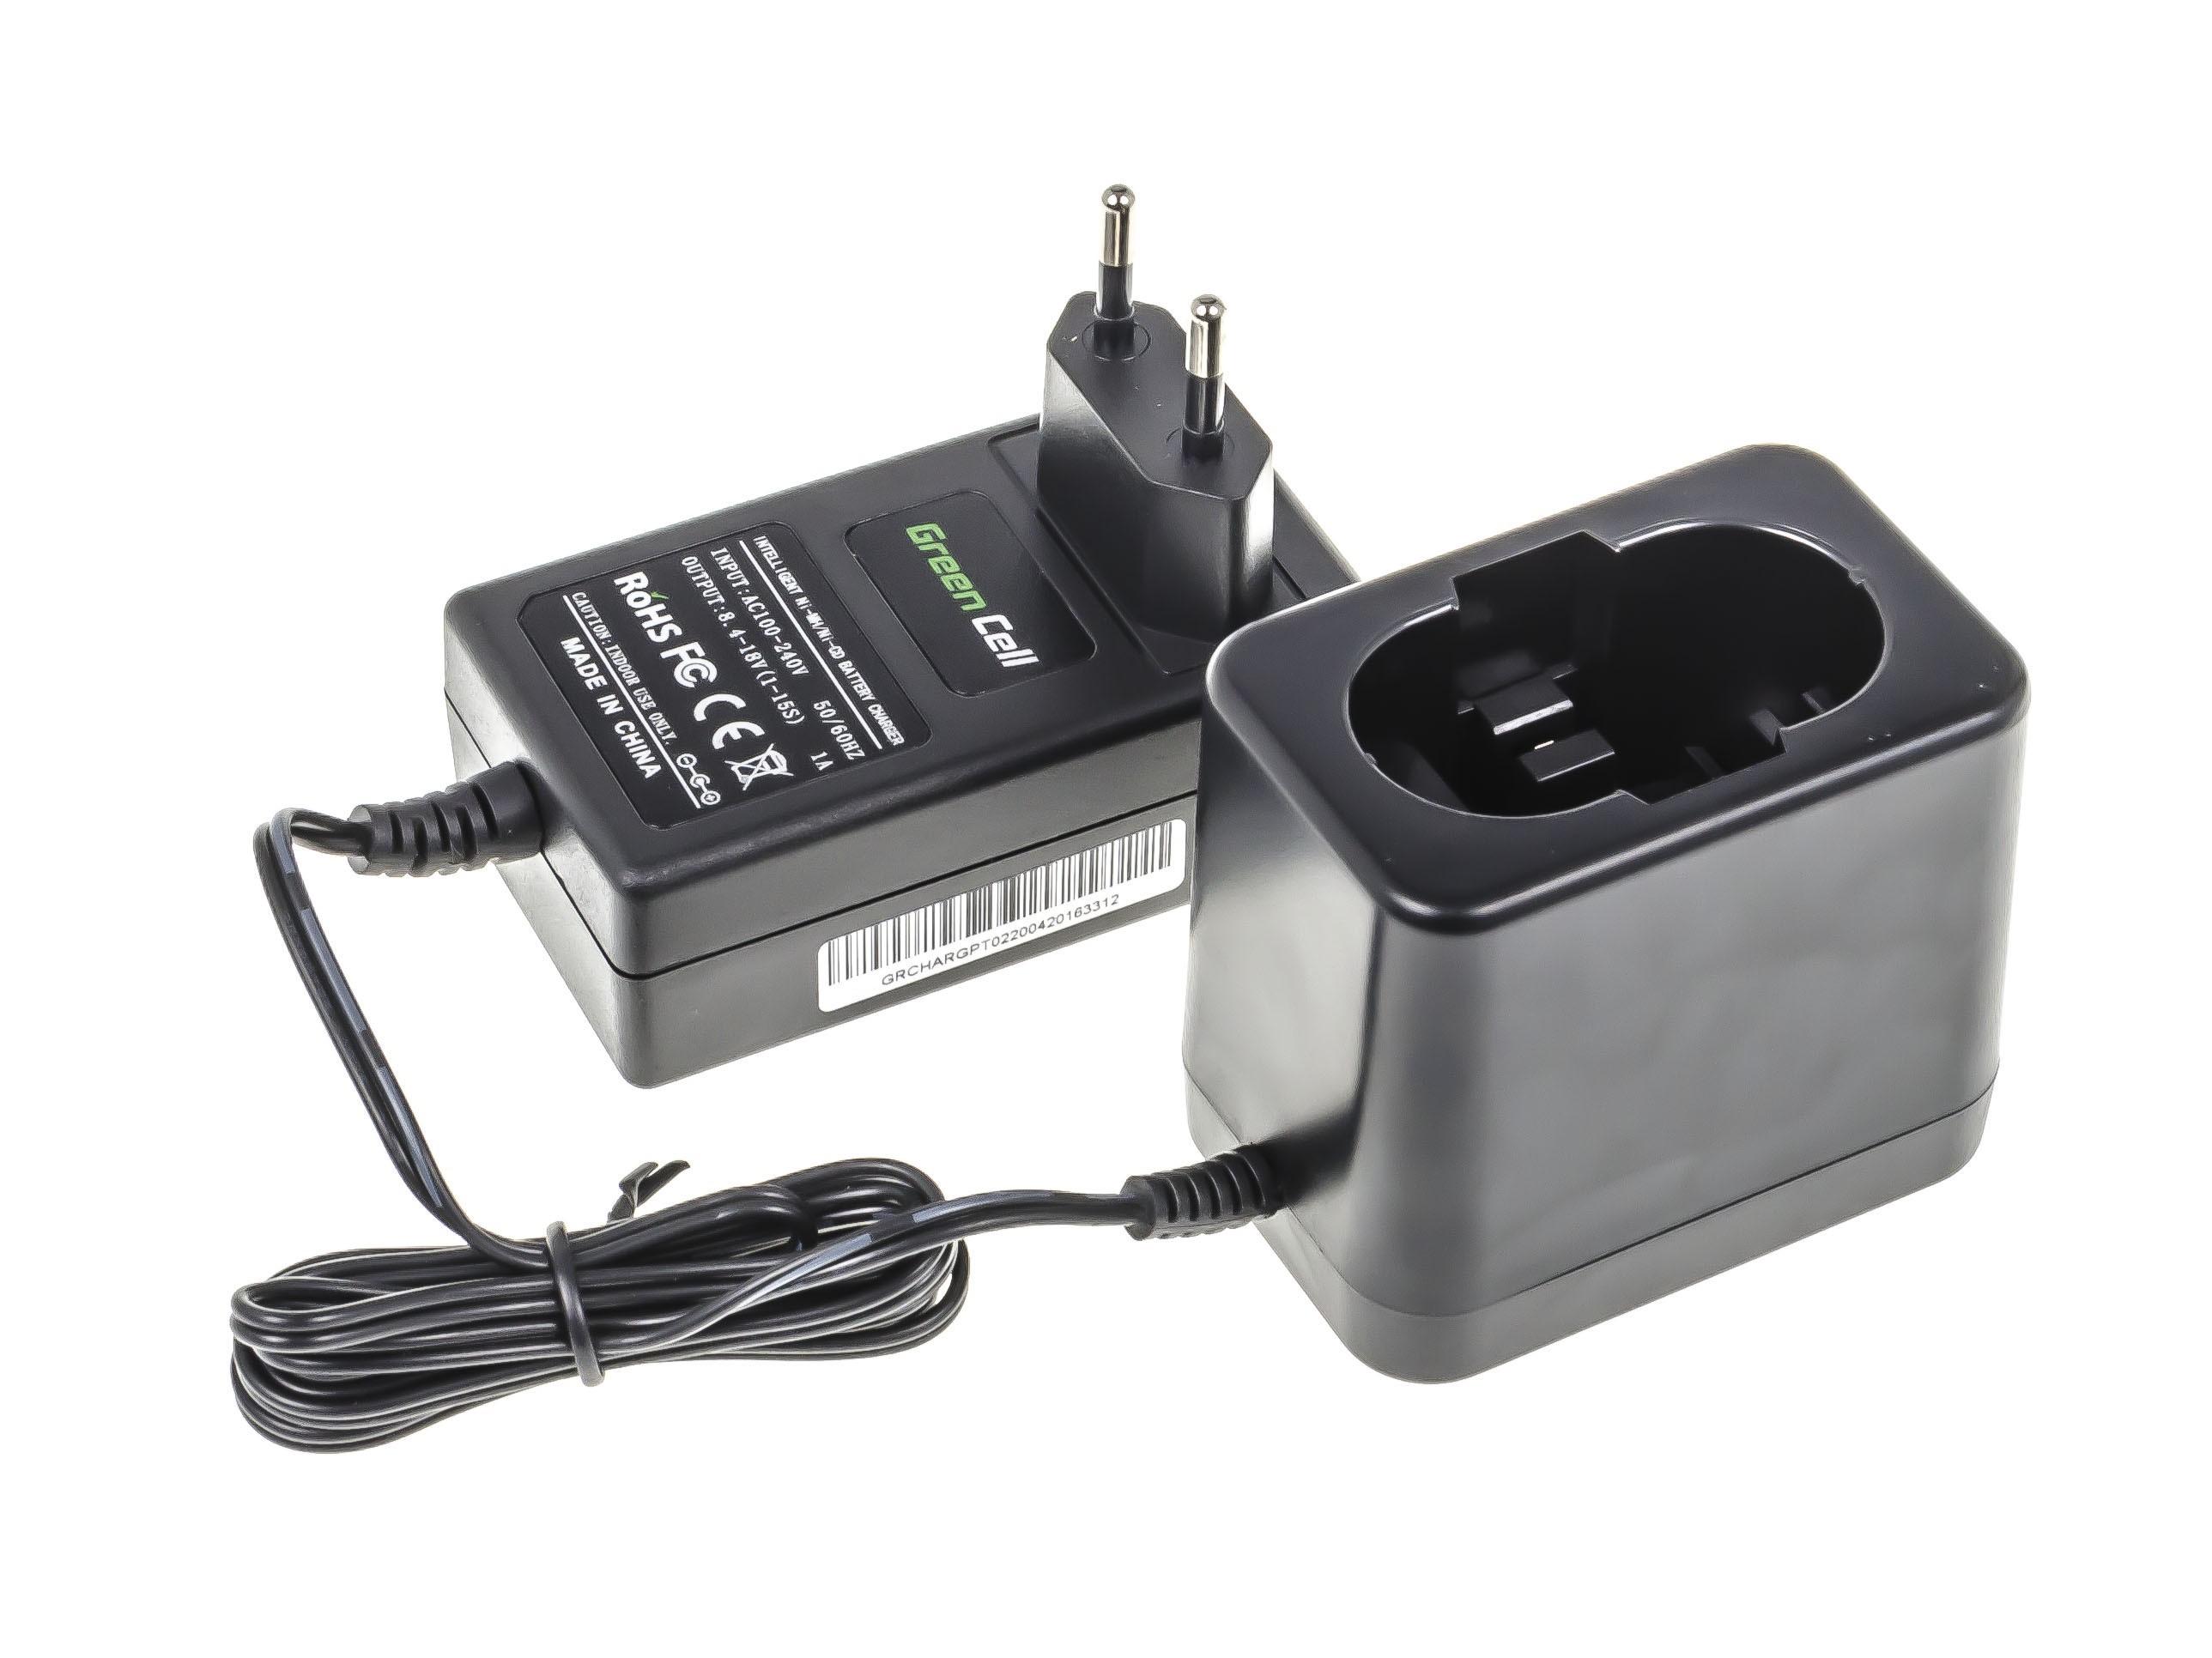 Green Cell batteriladdare för energiverktyg för Bosch 8.4V -18V Ni-MH Ni-Cd